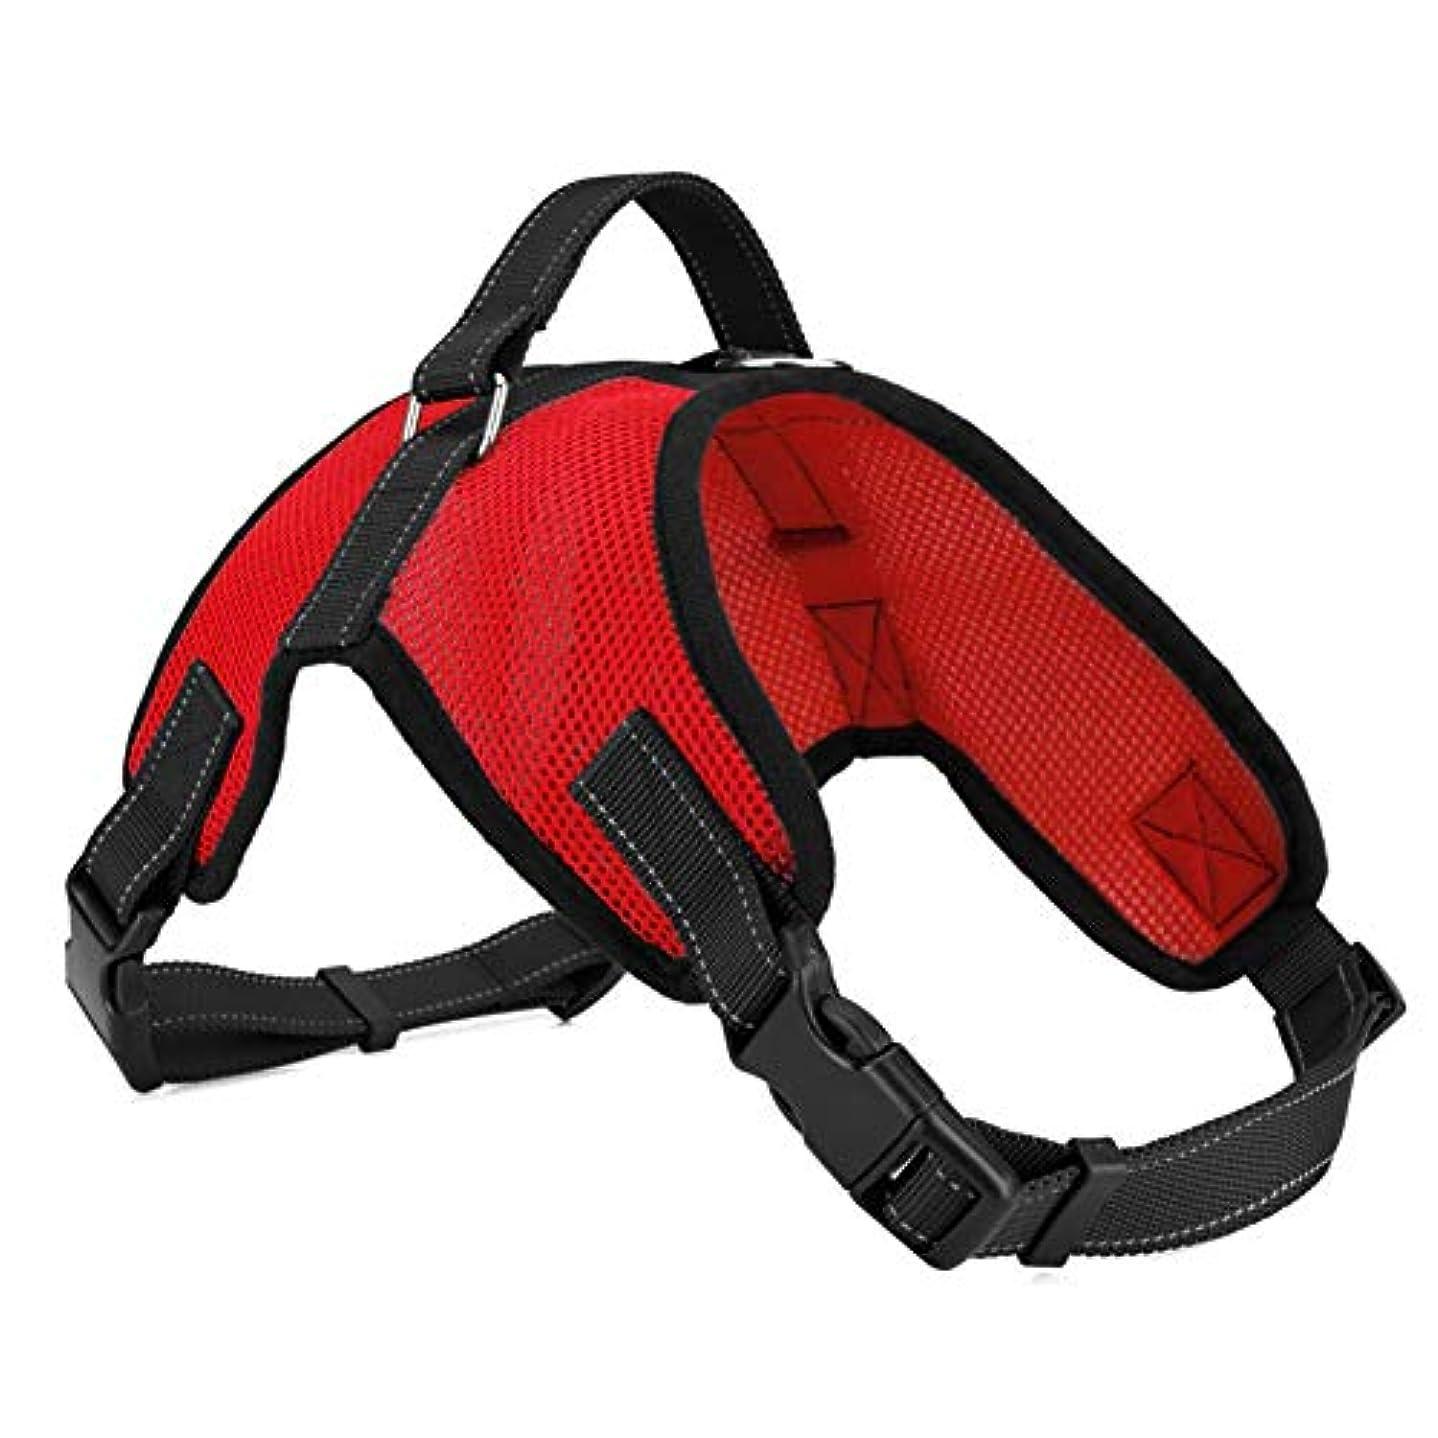 ただ機転放課後調節可能な犬のハーネスボディパッド入りベストハンドル付き反射性通気性メッシュ軽量簡単制御アウトドアアドベンチャートレーニング用,赤,XL